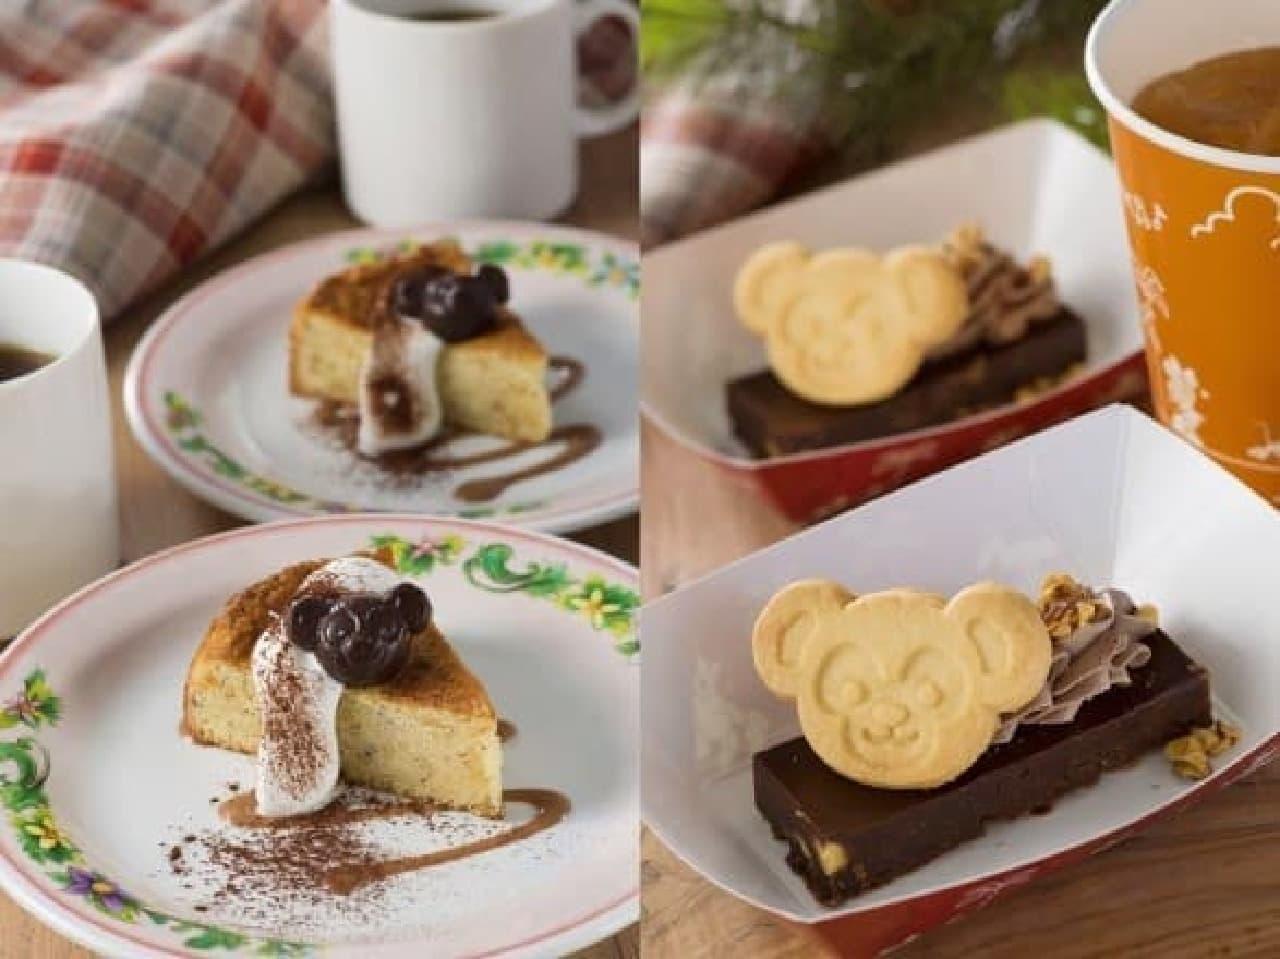 ヘーゼルナッツケーキ(左)、チョコレートブラウニー